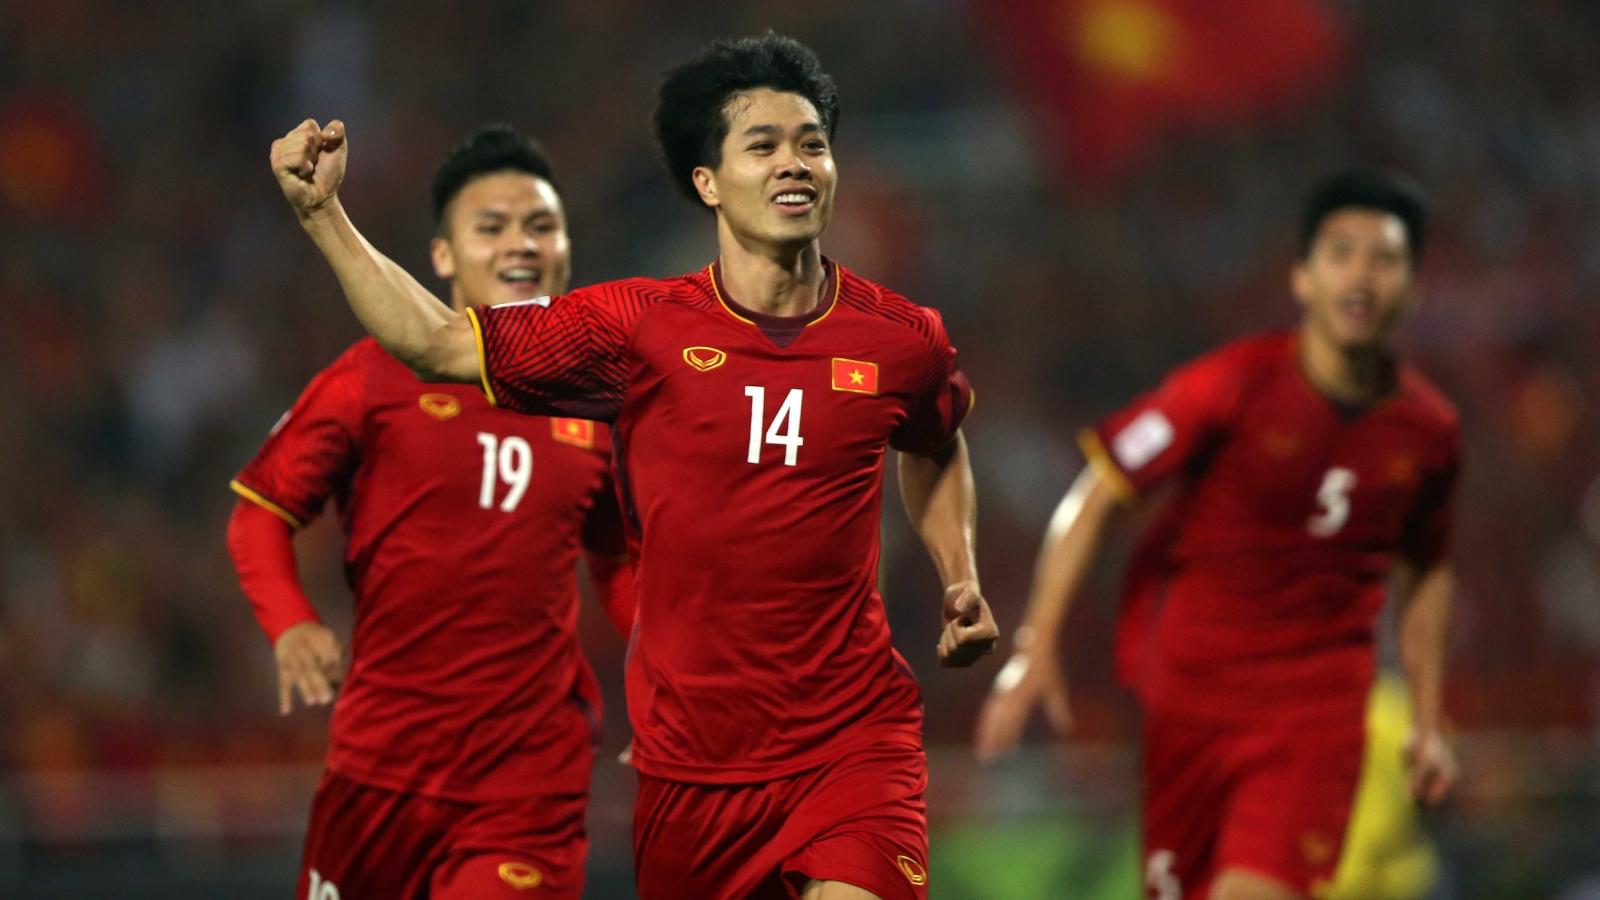 ĐT Việt Nam lên danh sách đấu ĐT Trung Quốc: Công Phượng trở lại